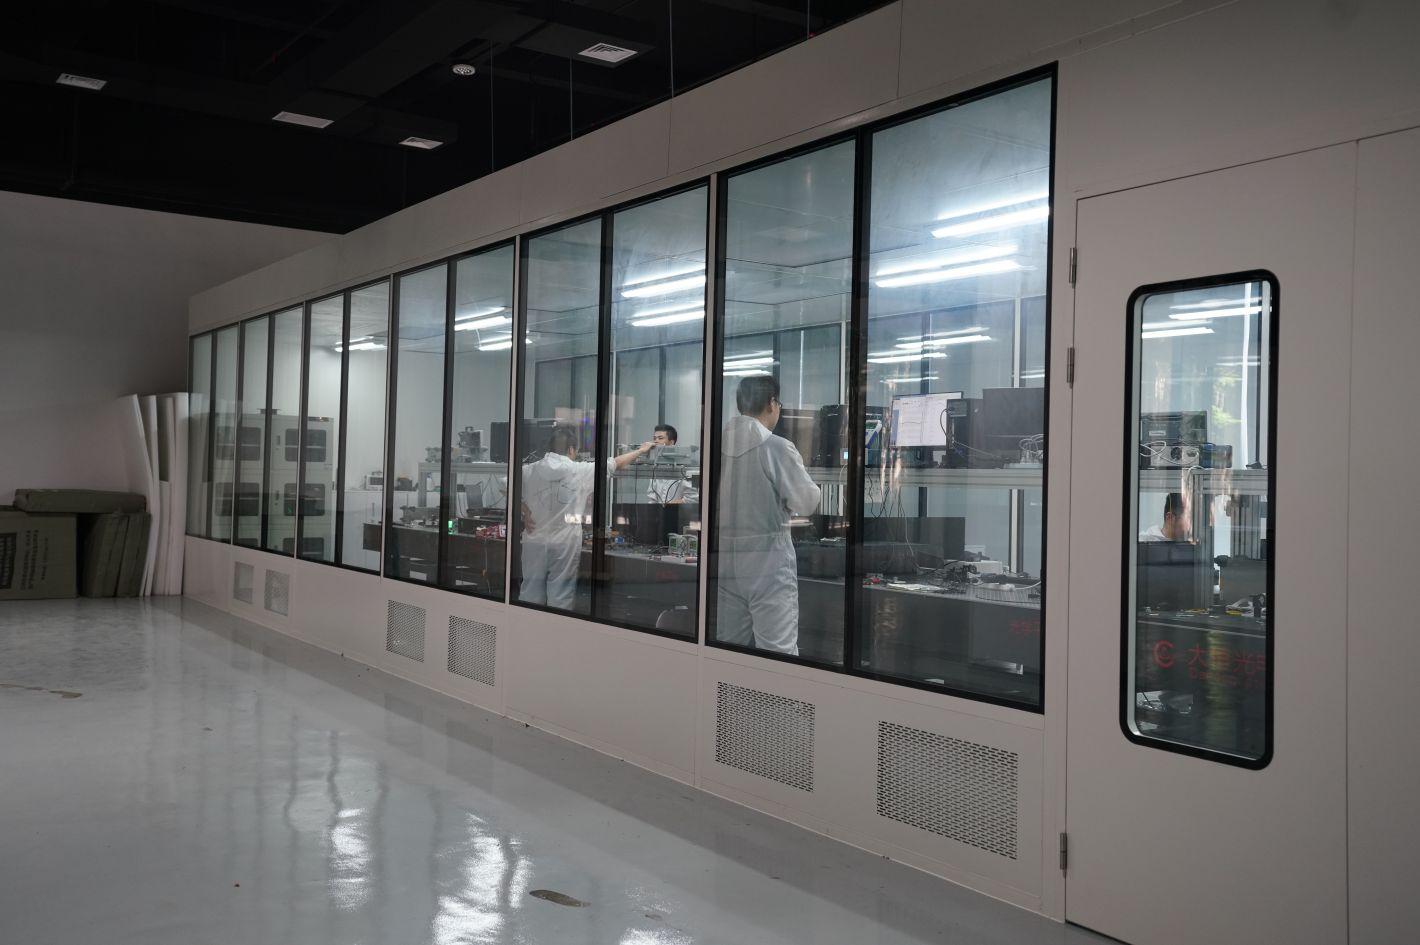 重庆第一款超快激光产品在两江新区面世,已实现小批量试产